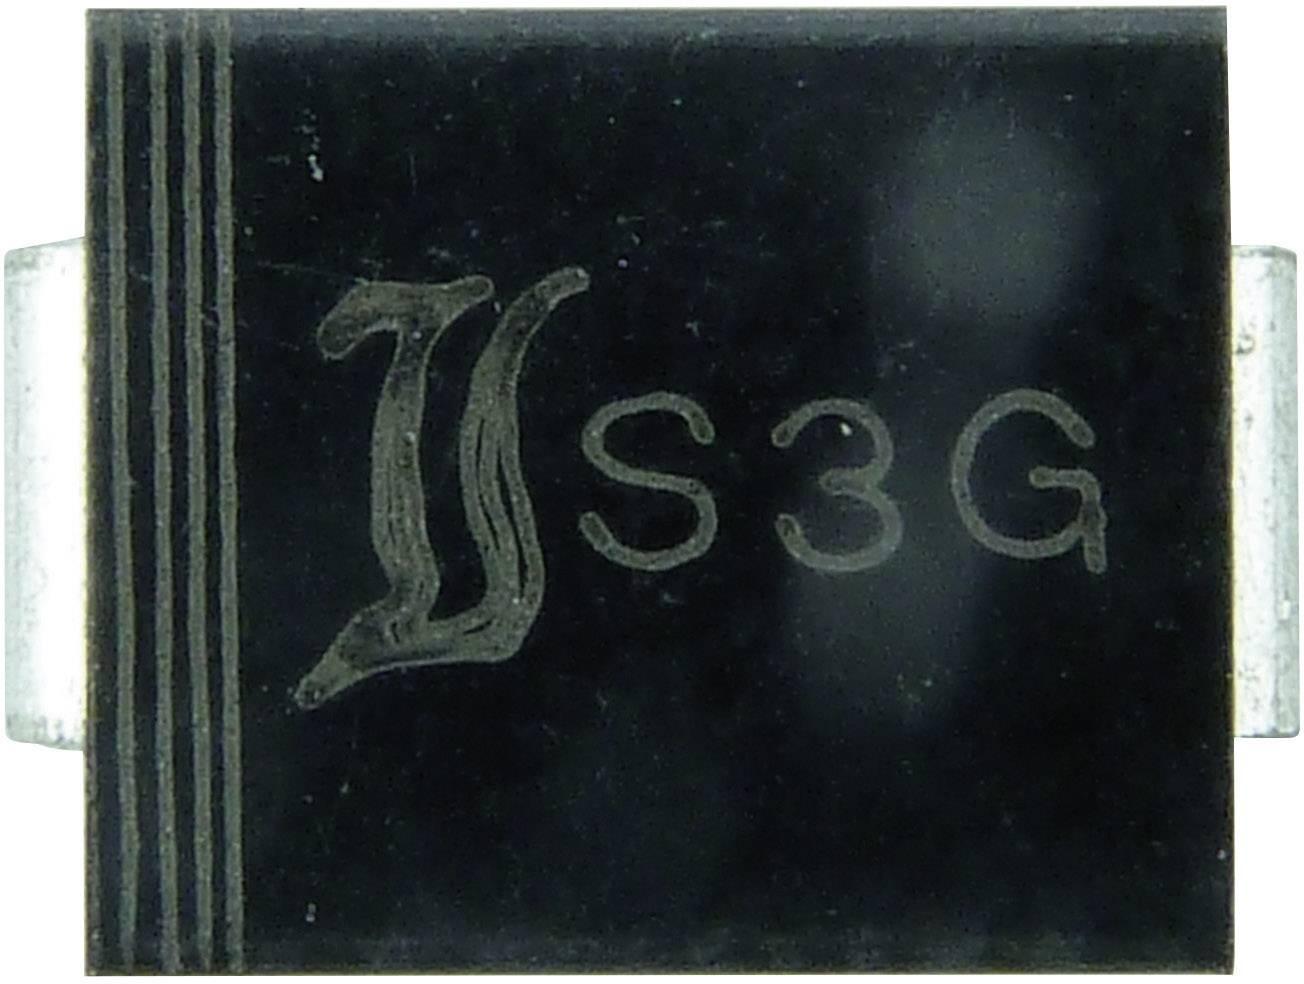 Zenerova dioda Diotec Z3SMC8.2, U(zen) 8.2 V